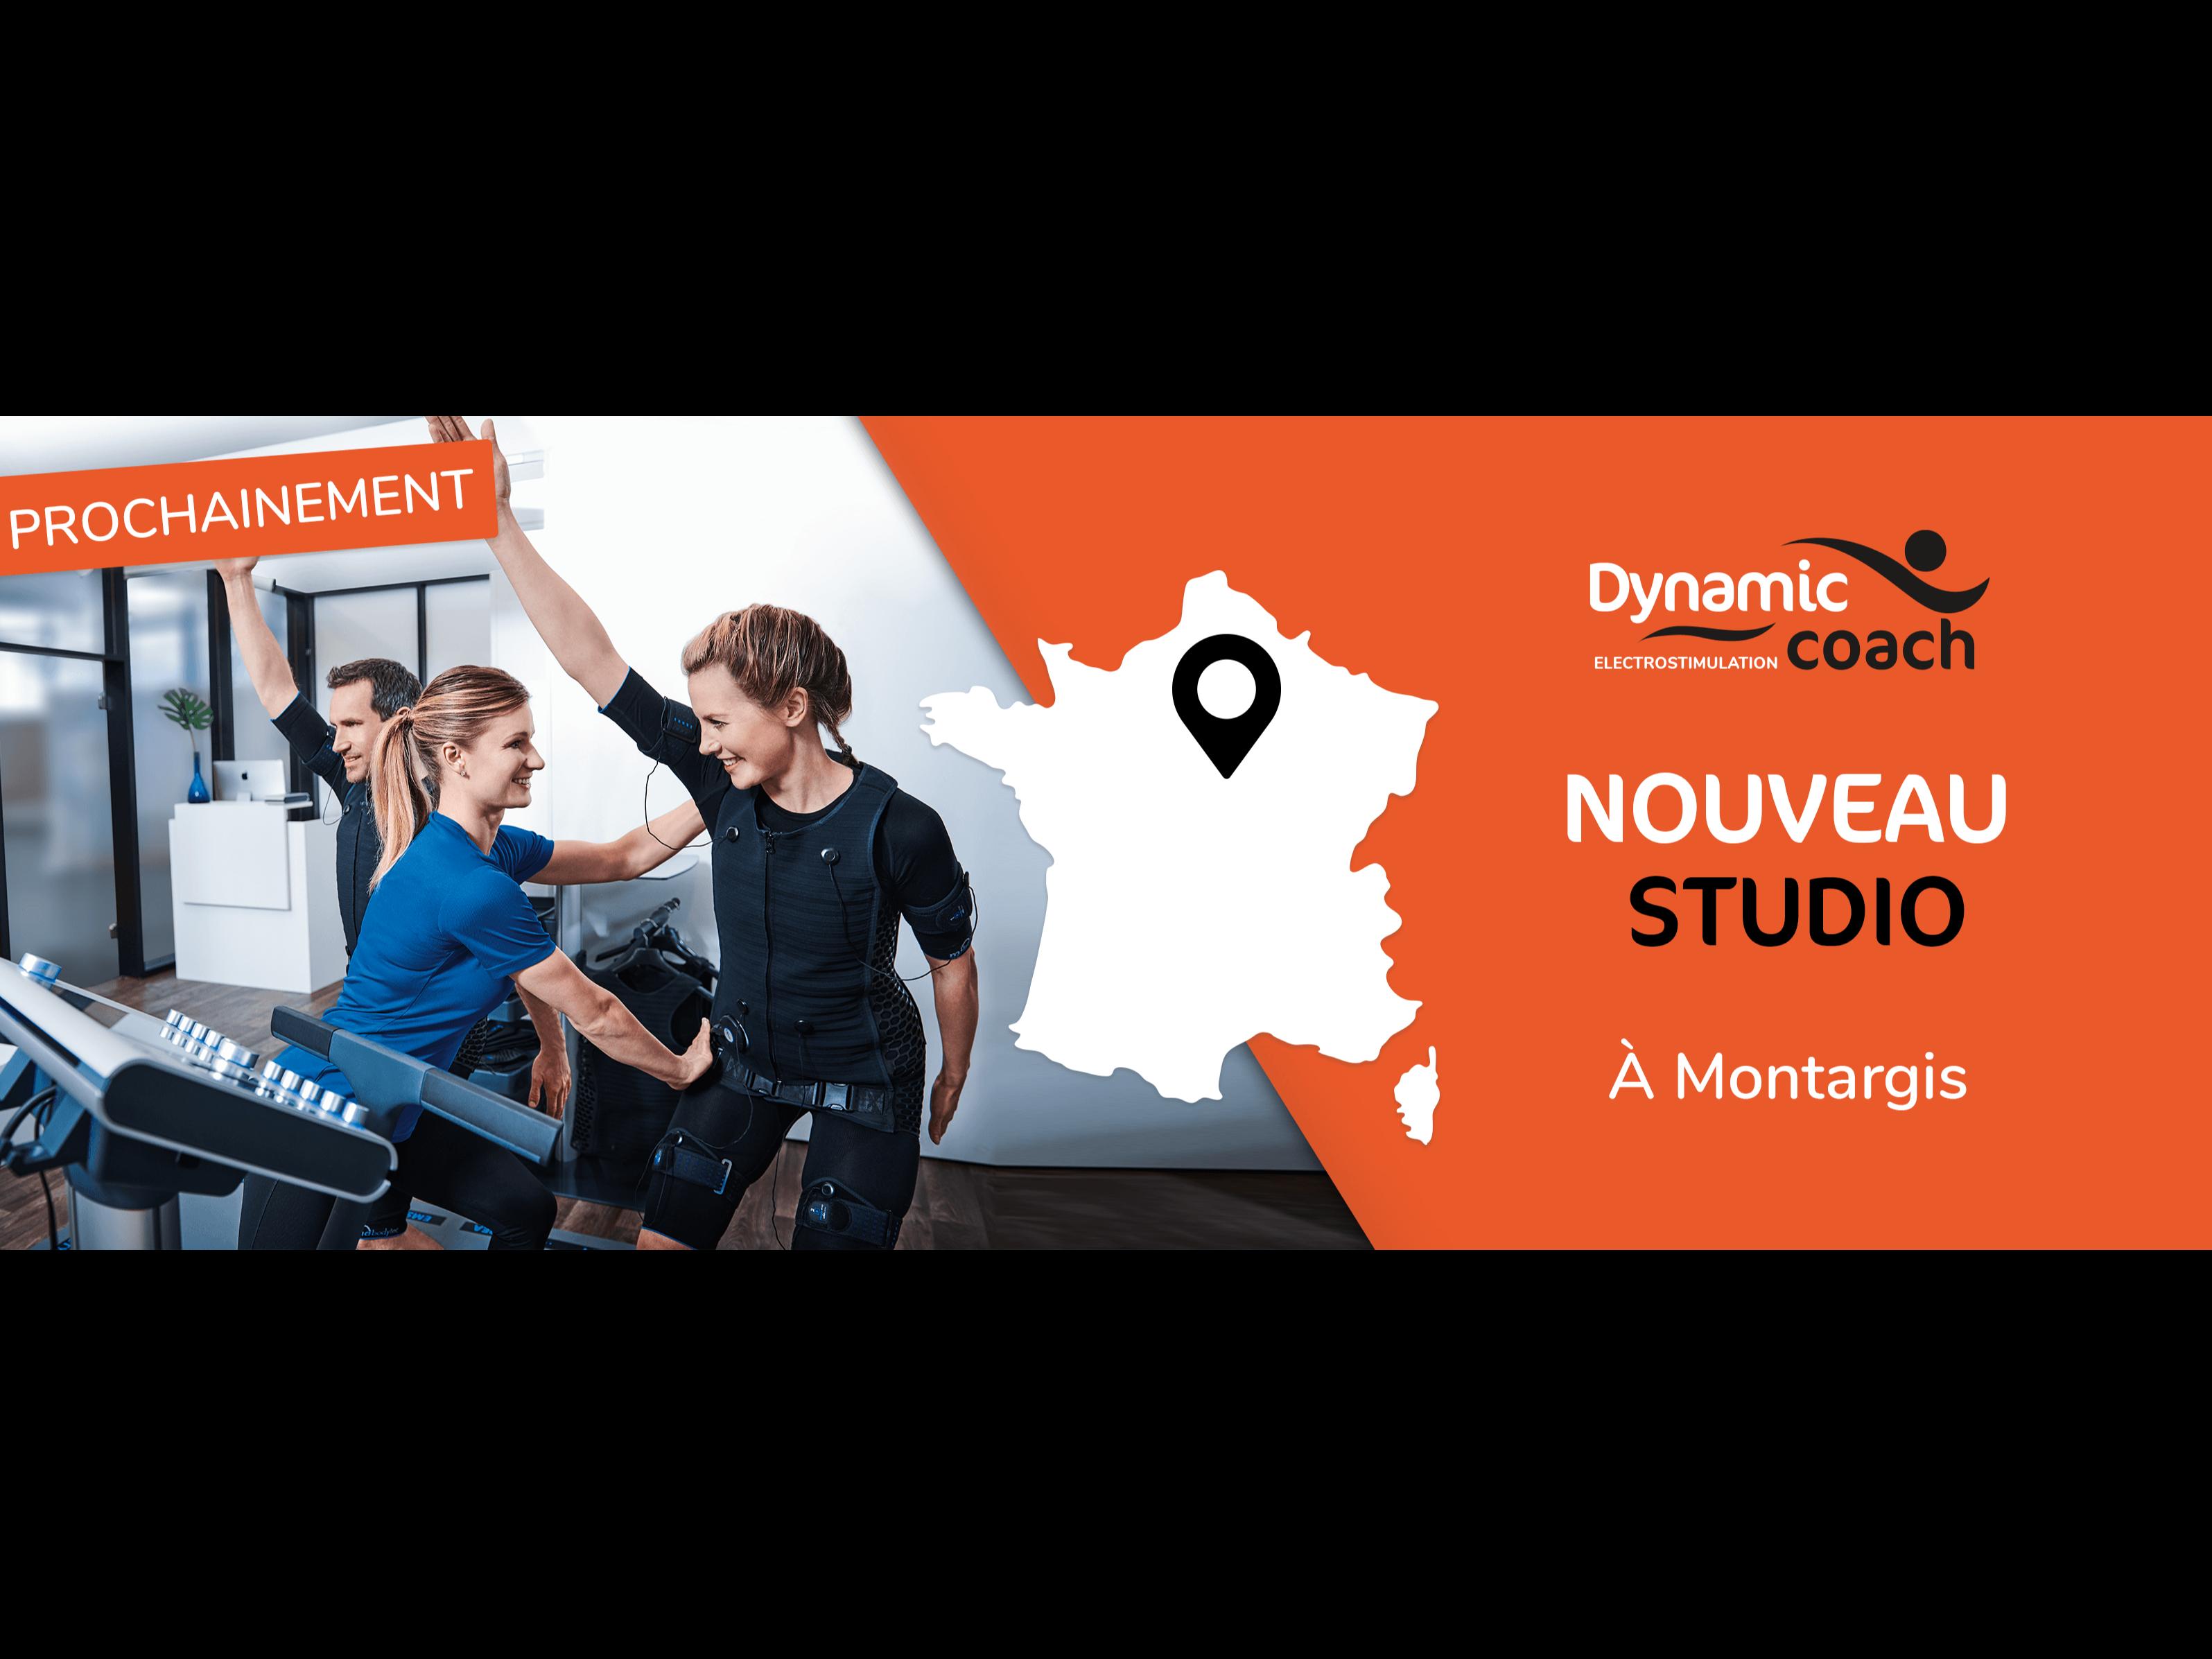 Dynamic Coach Montargis